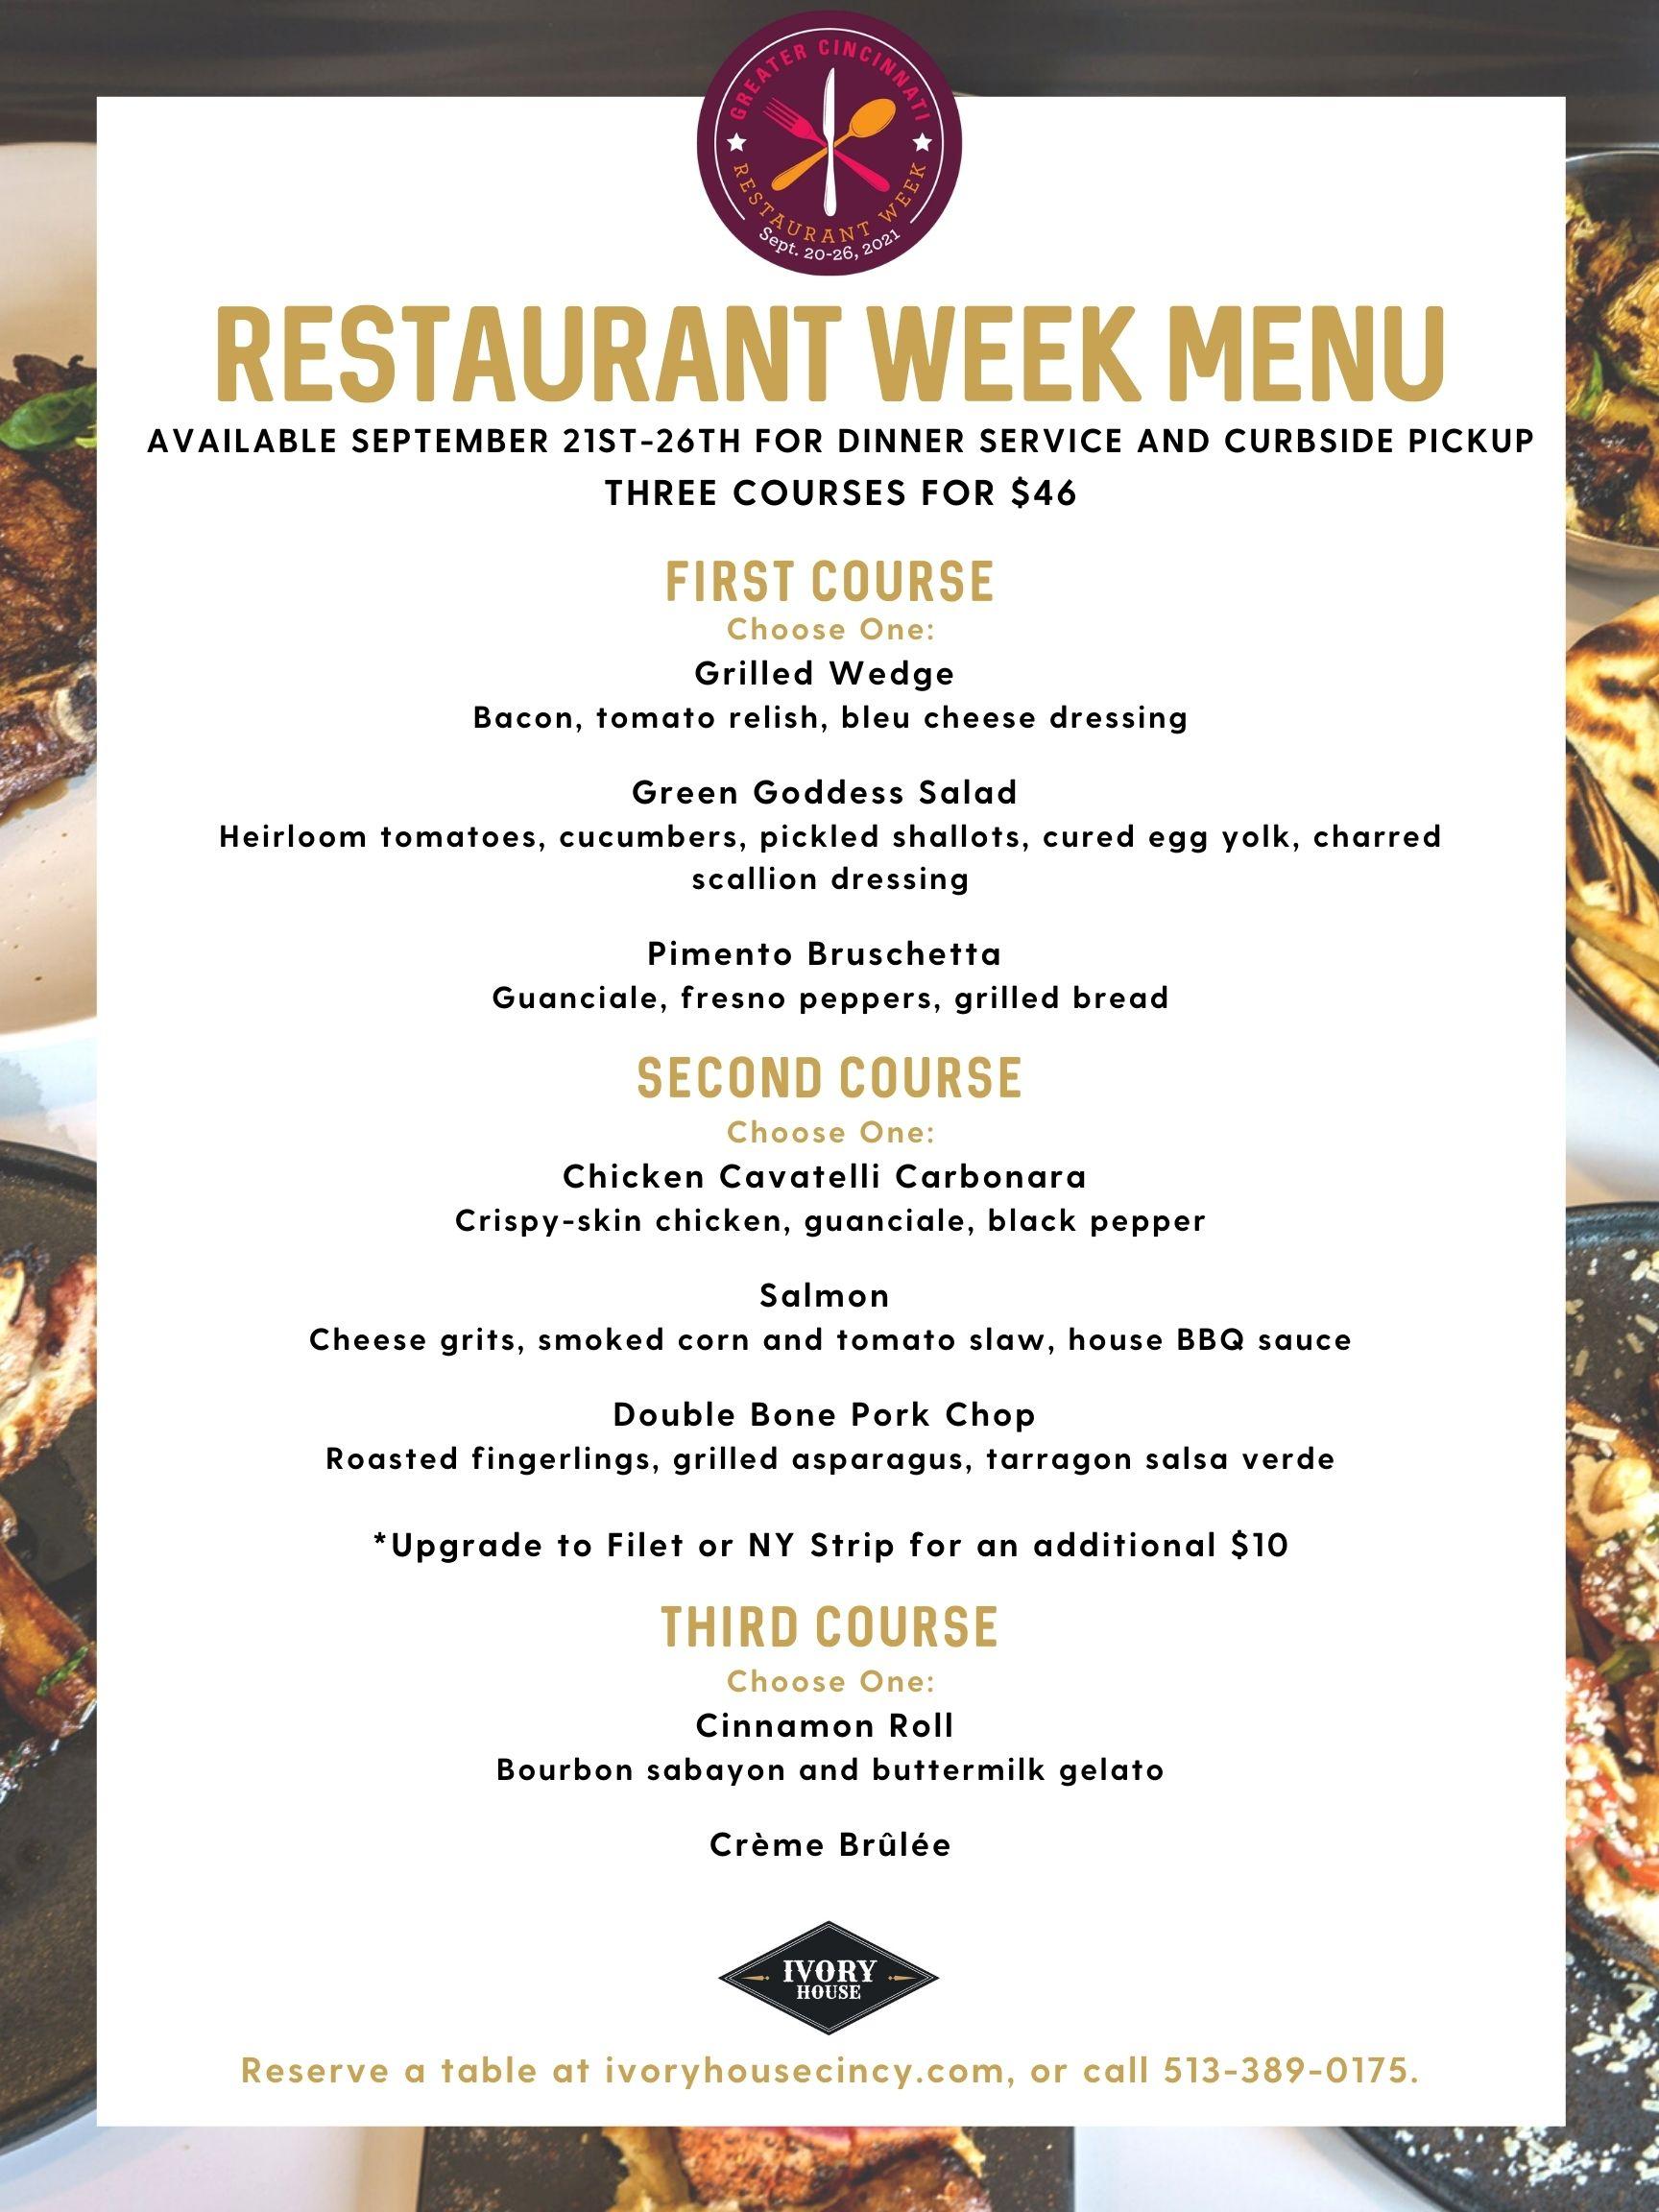 ivory house cincinnati westwood restaurant week menu fall 2021 steak filet mignon